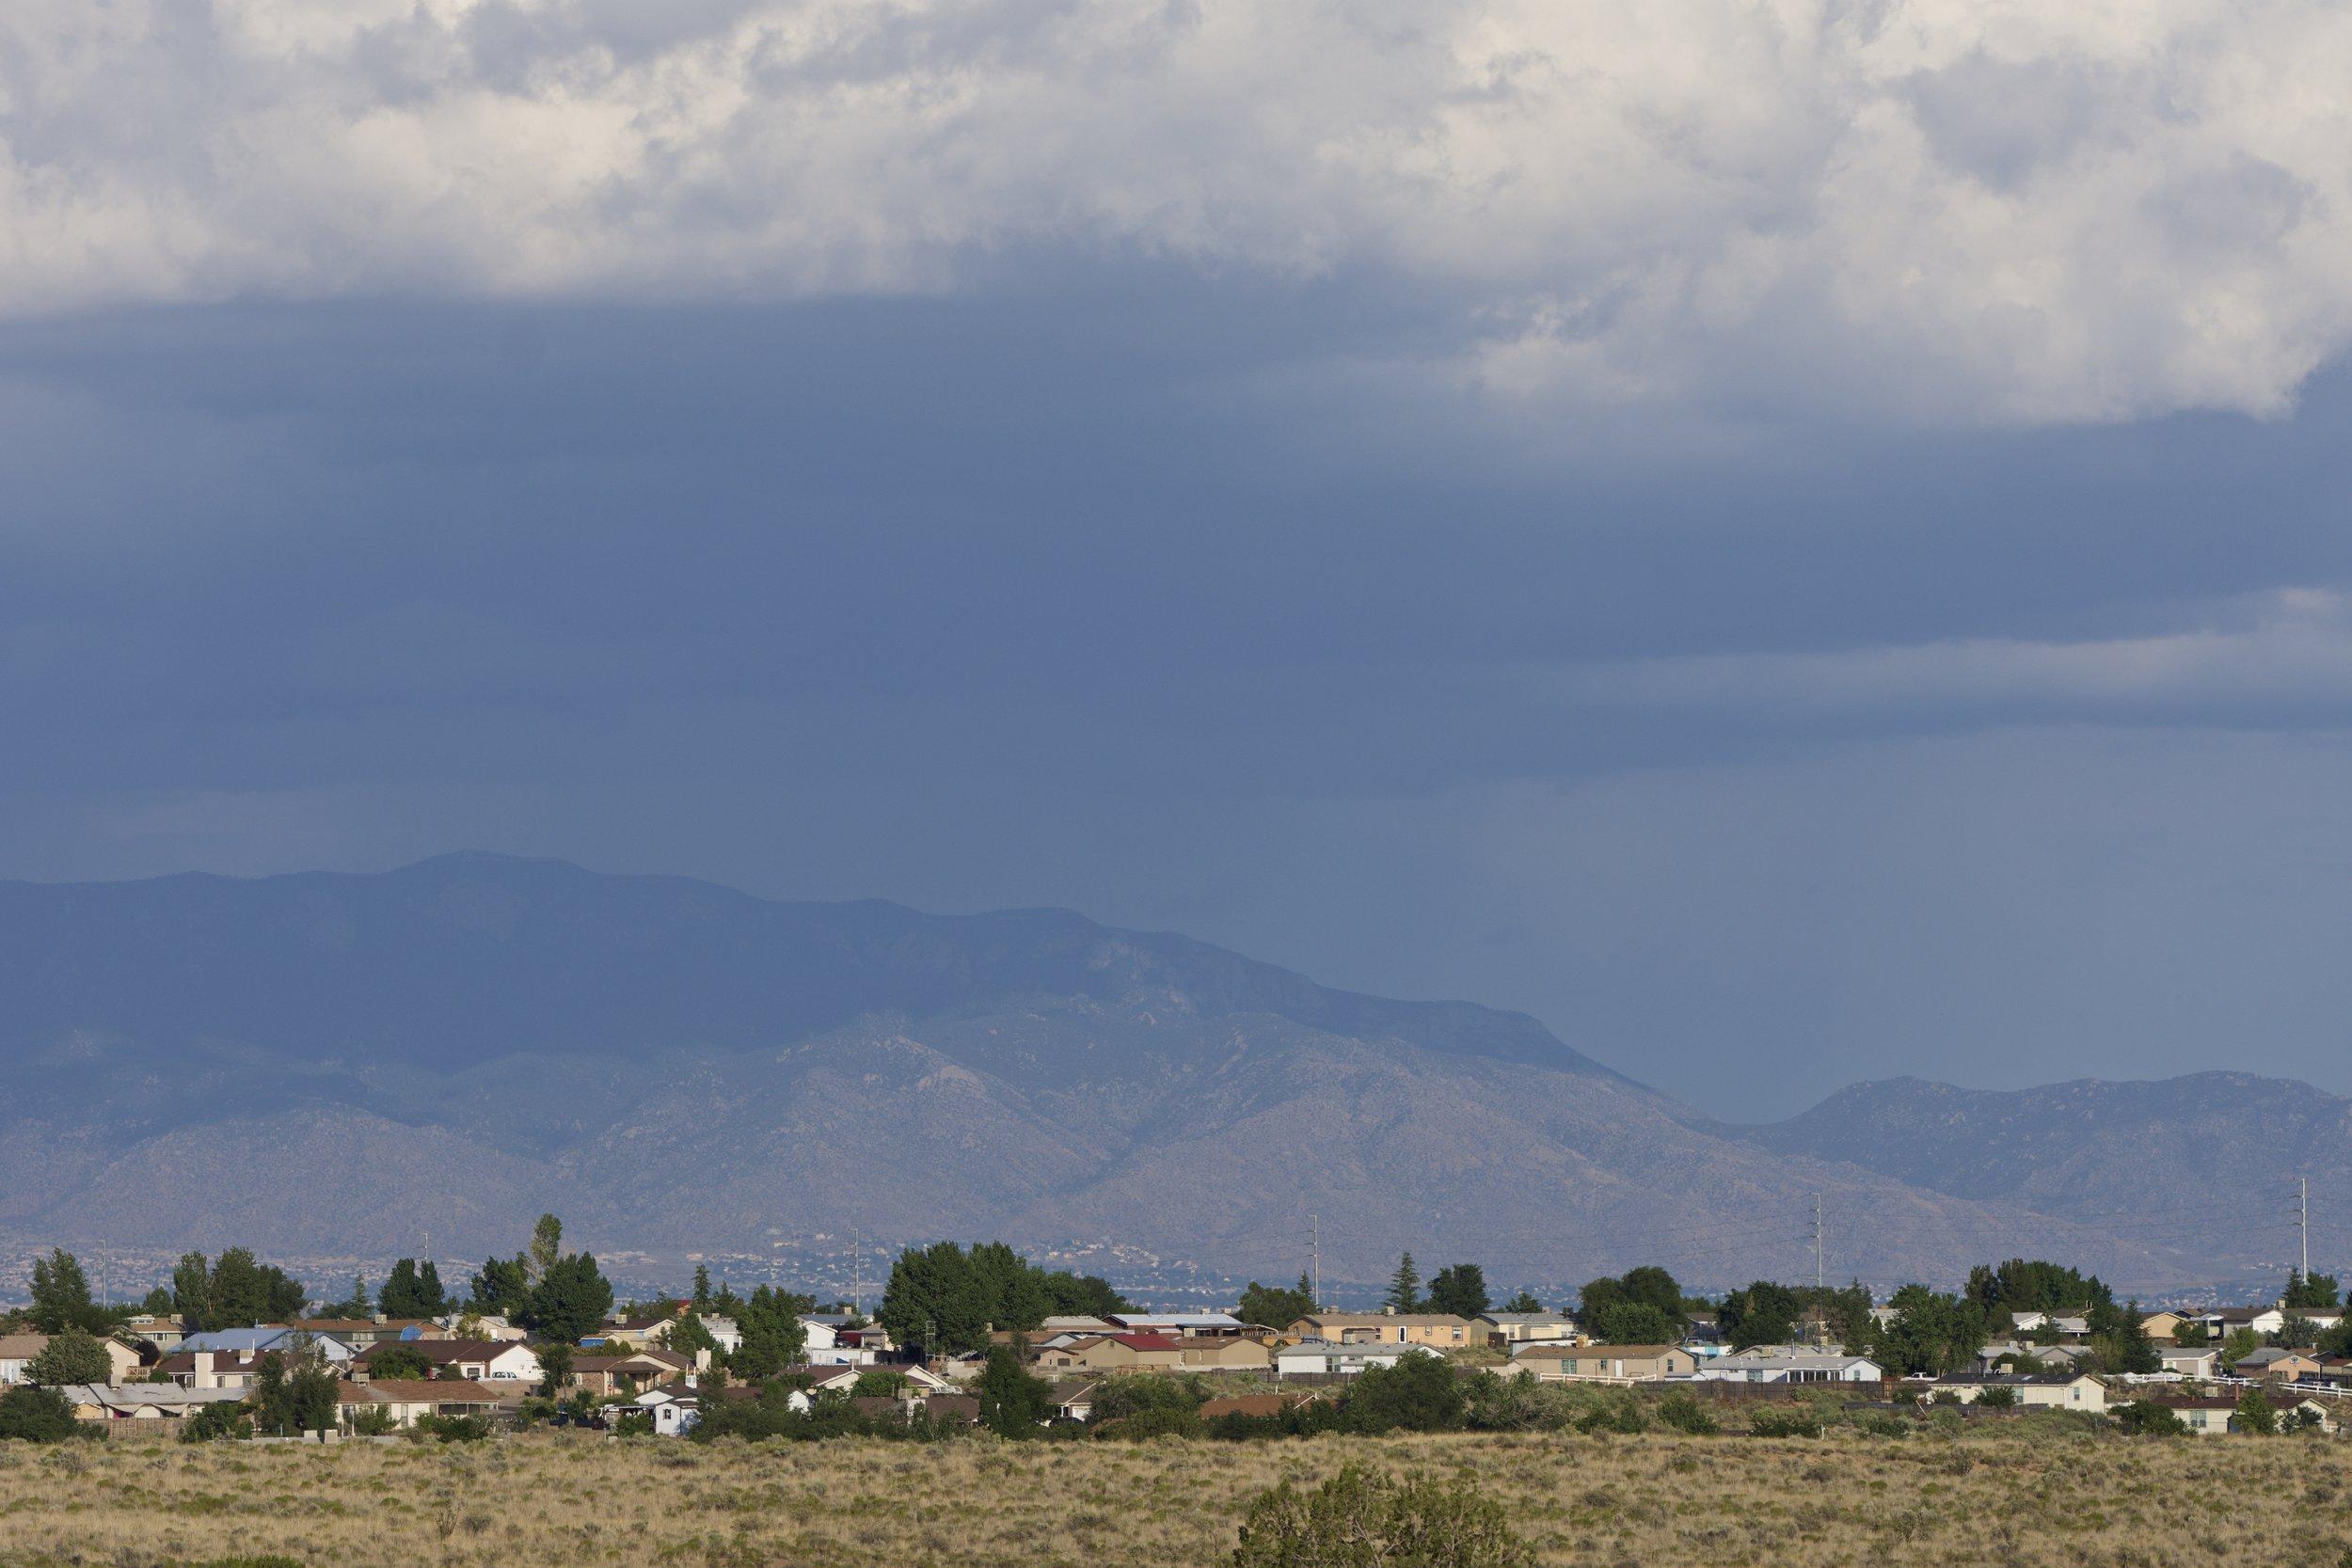 SNNM-BFG-rio-rancho-132819.jpg